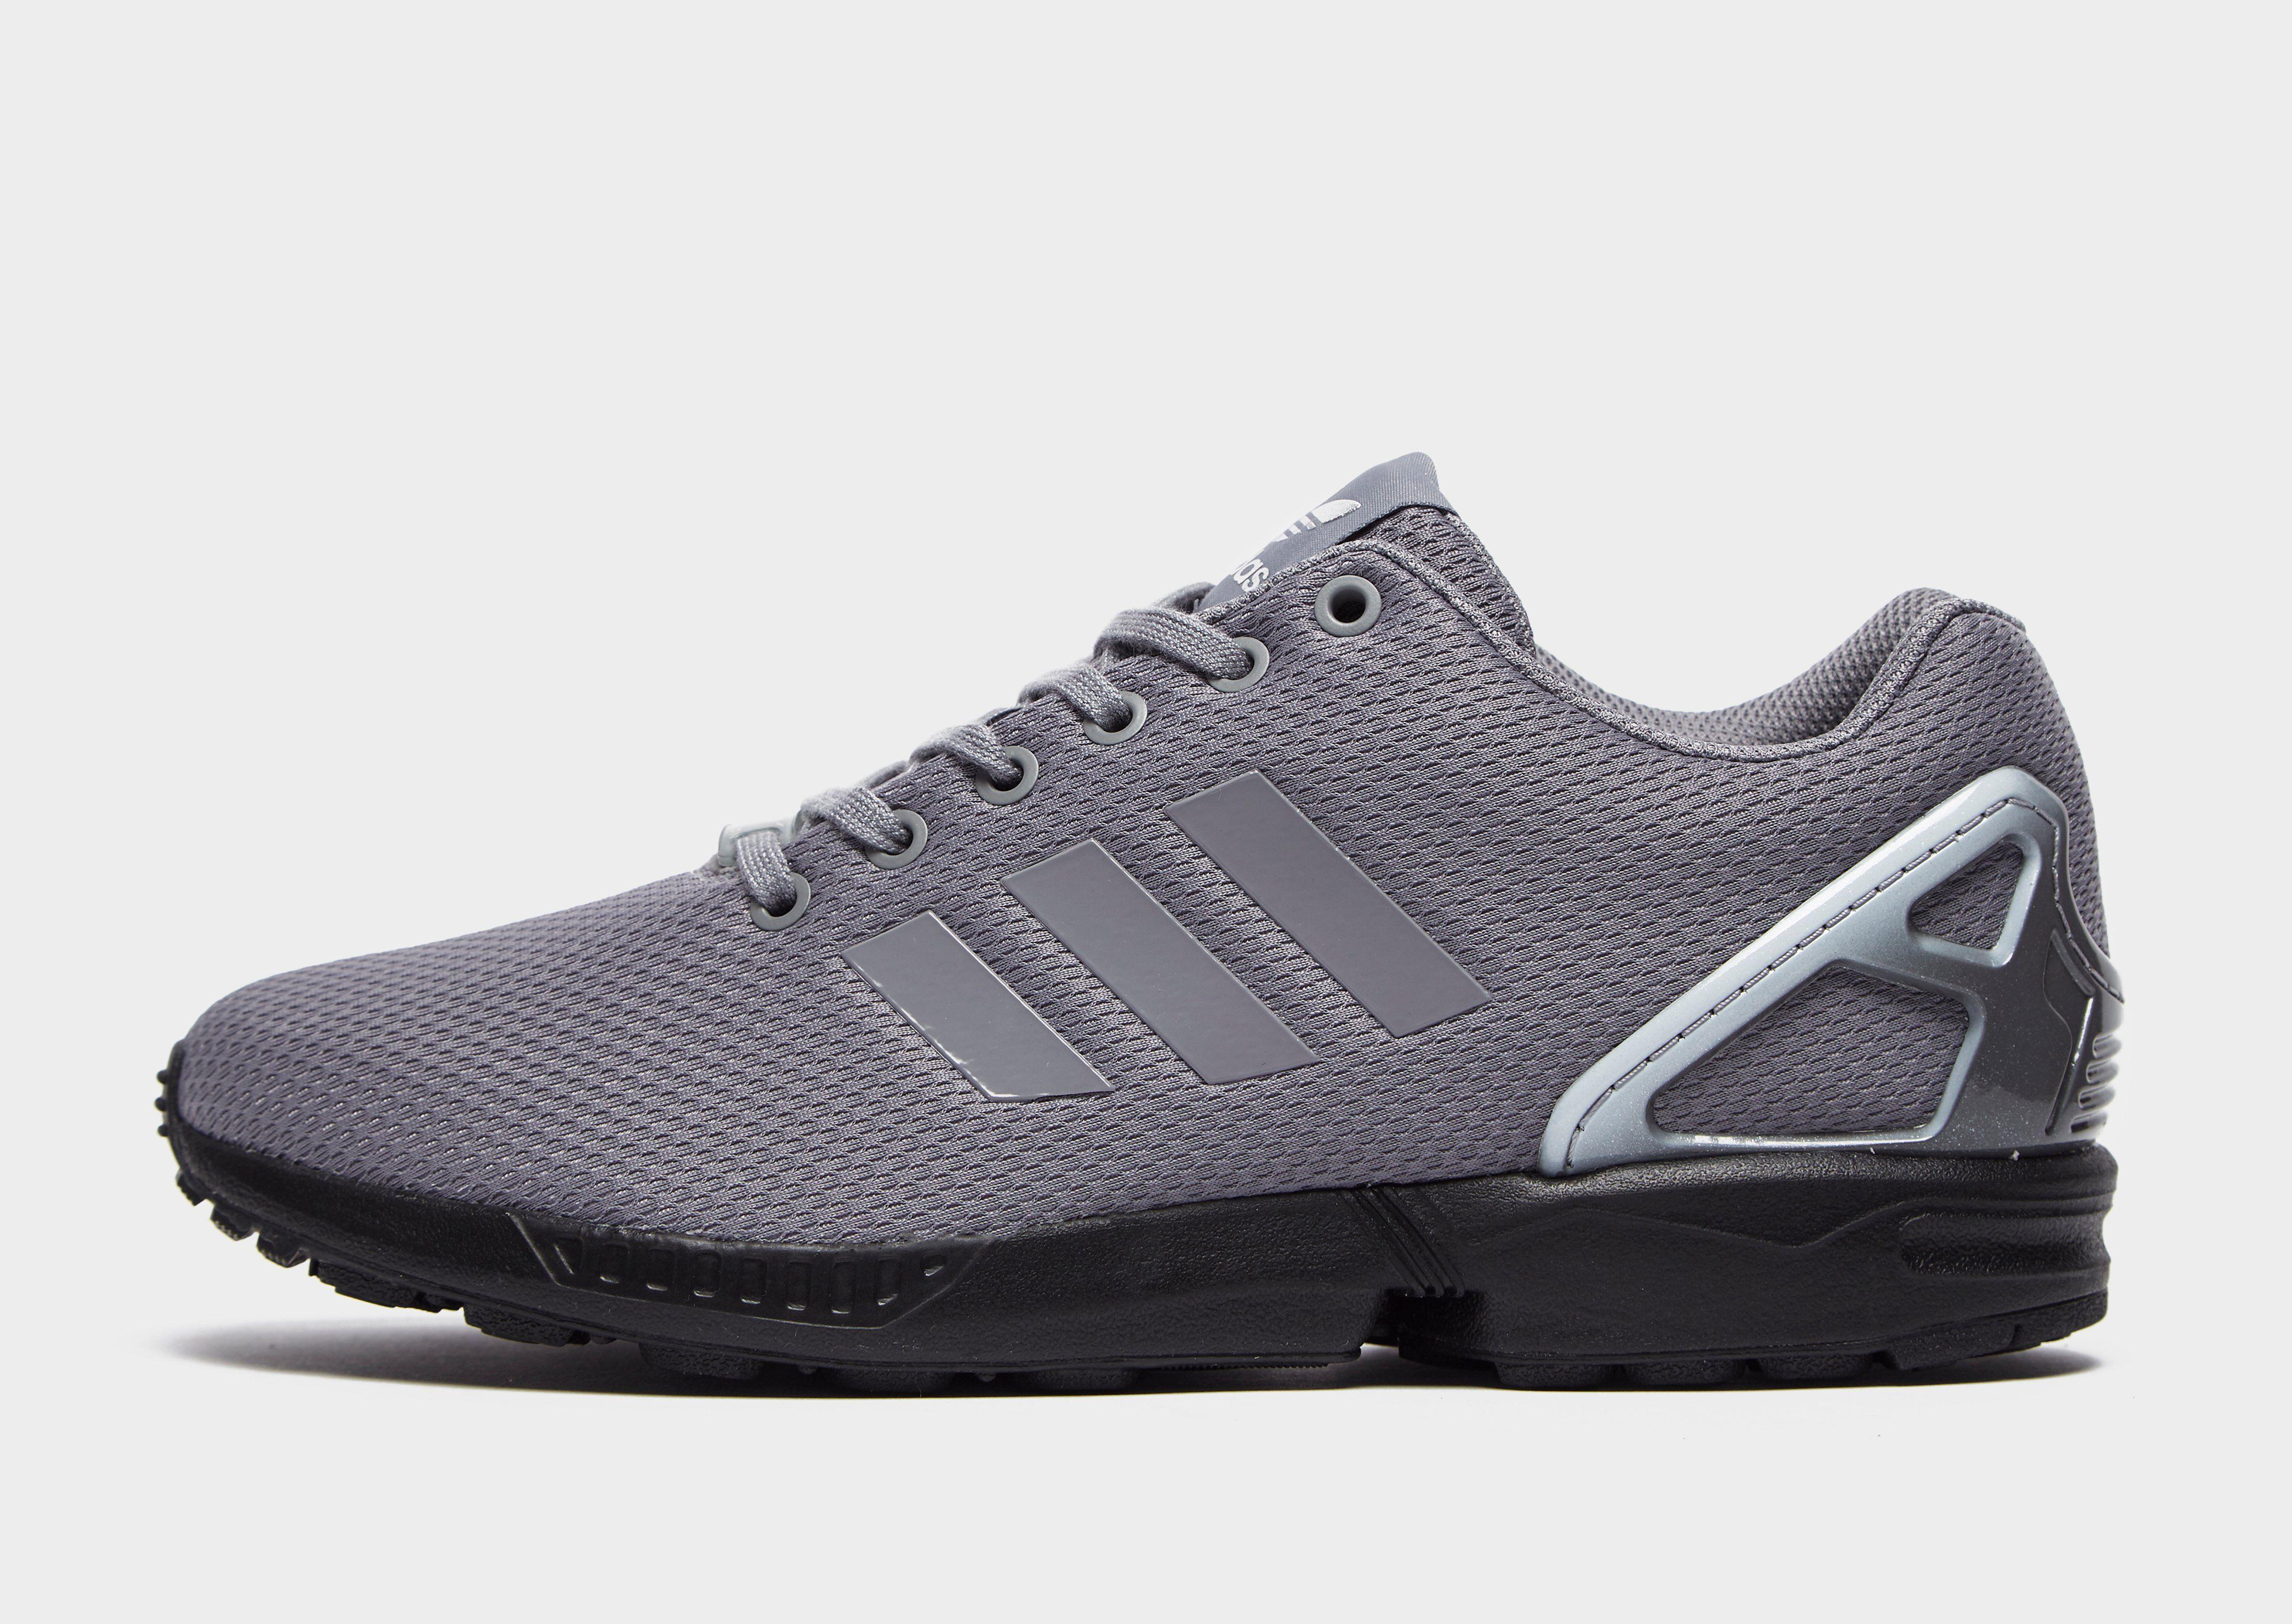 quality design be56e e4941 adidas Originals ZX Flux | JD Sports